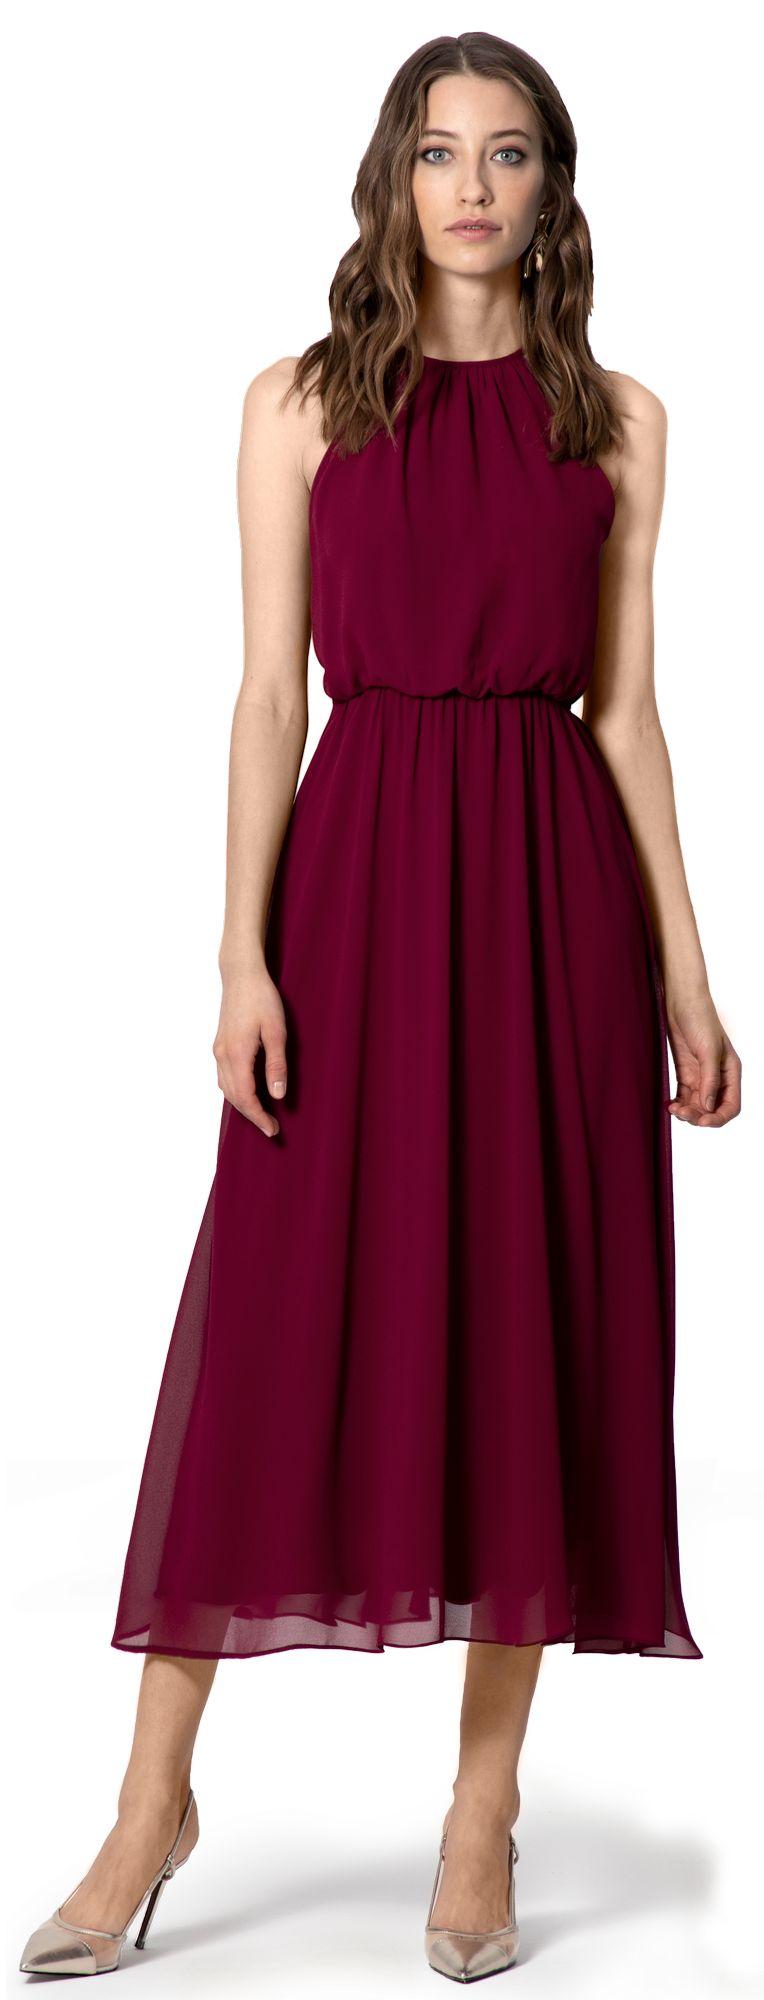 vestito damigiela rosso